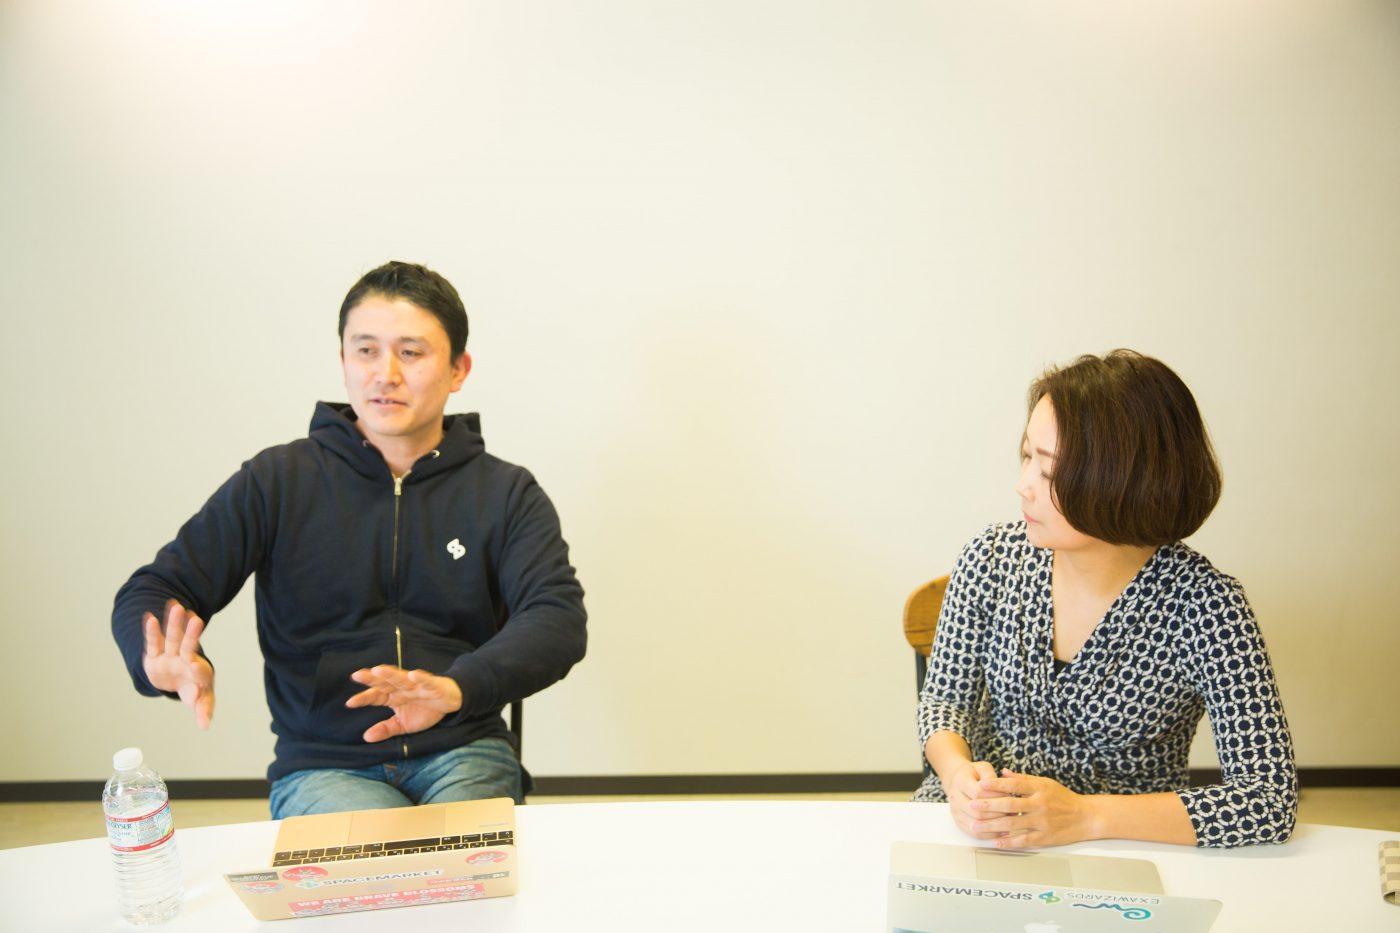 重松氏と佐藤氏が出会ったのは、重松氏が新卒で入社した会社を辞めてベンチャー企業に転職するときのことだった。